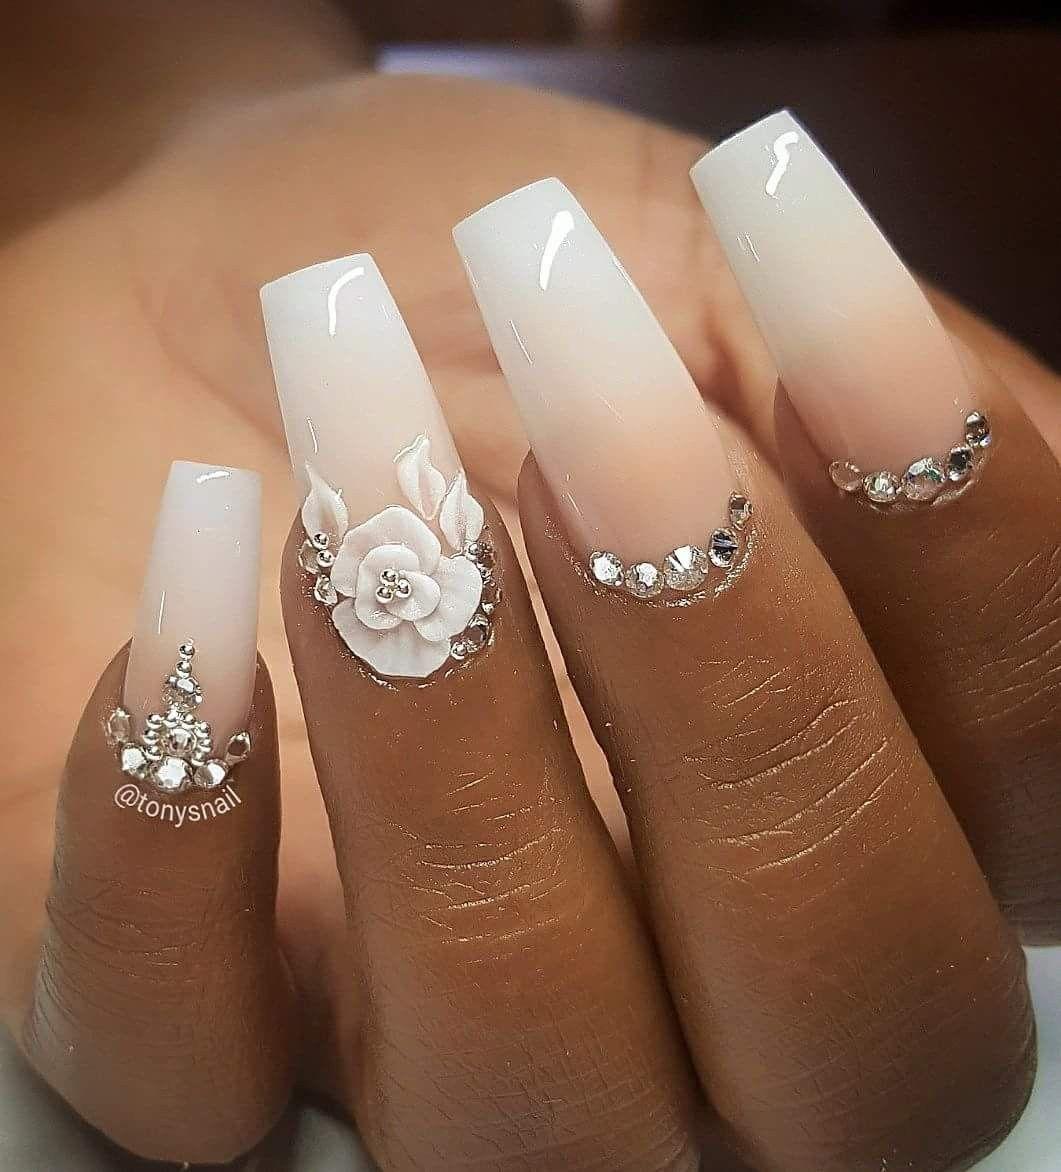 Pin von Nina auf Nails | Pinterest | Nageldesign, Nagelschere und ...